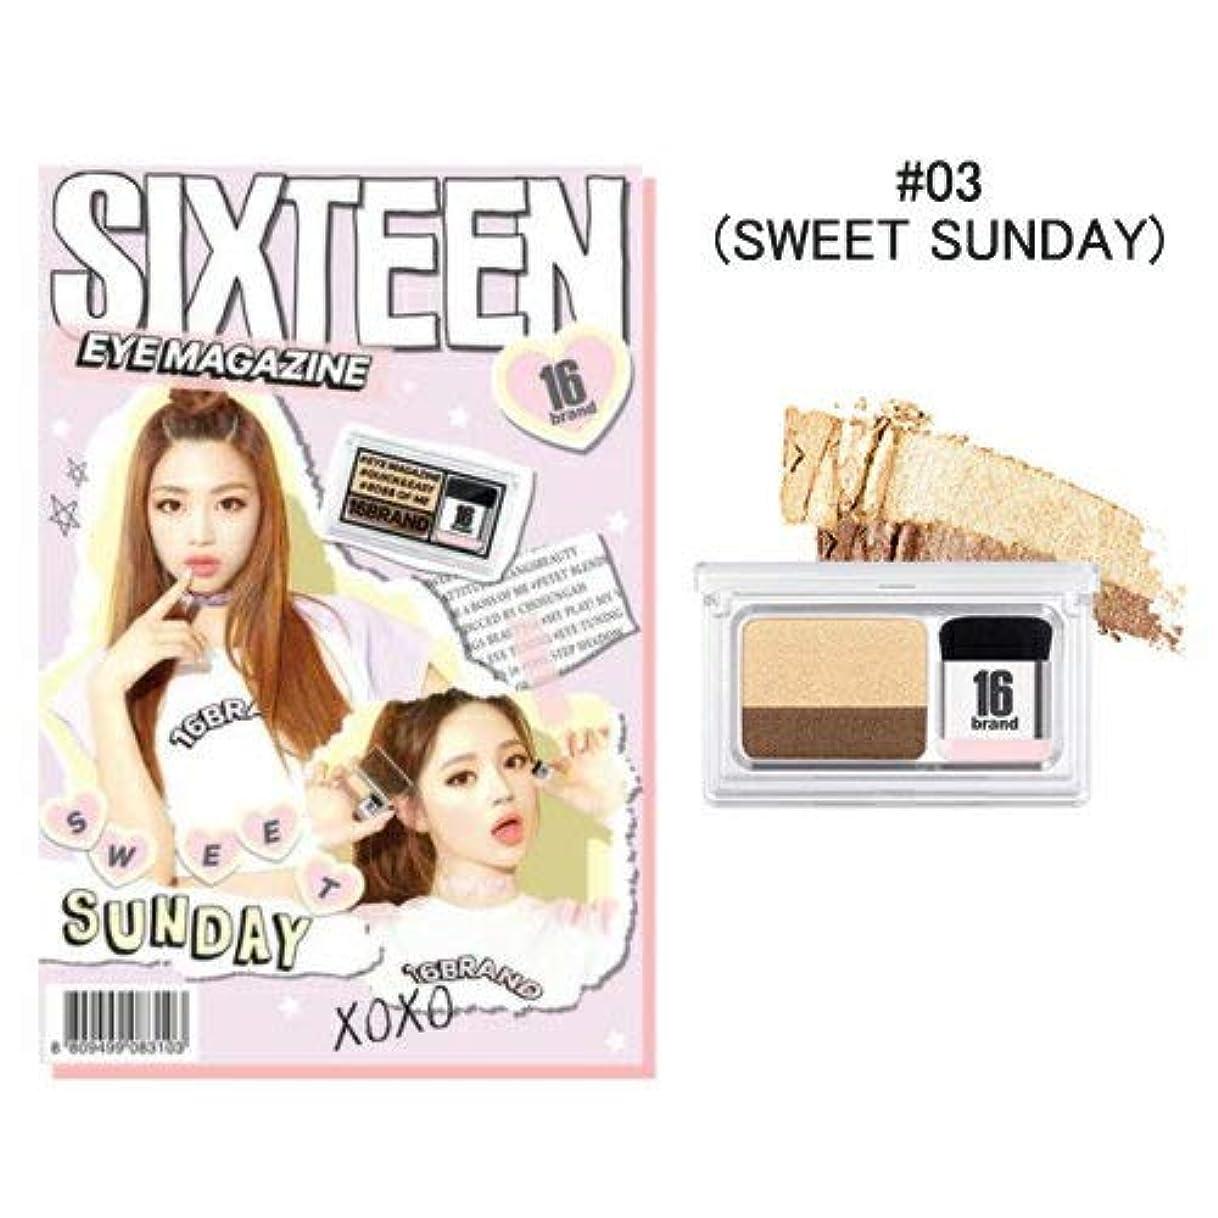 うなる忌み嫌うハブ[New Color] 16brand Sixteen Eye Magazine 2g /16ブランド シックスティーン アイ マガジン 2g (#03 SWEET SUNDAY) [並行輸入品]